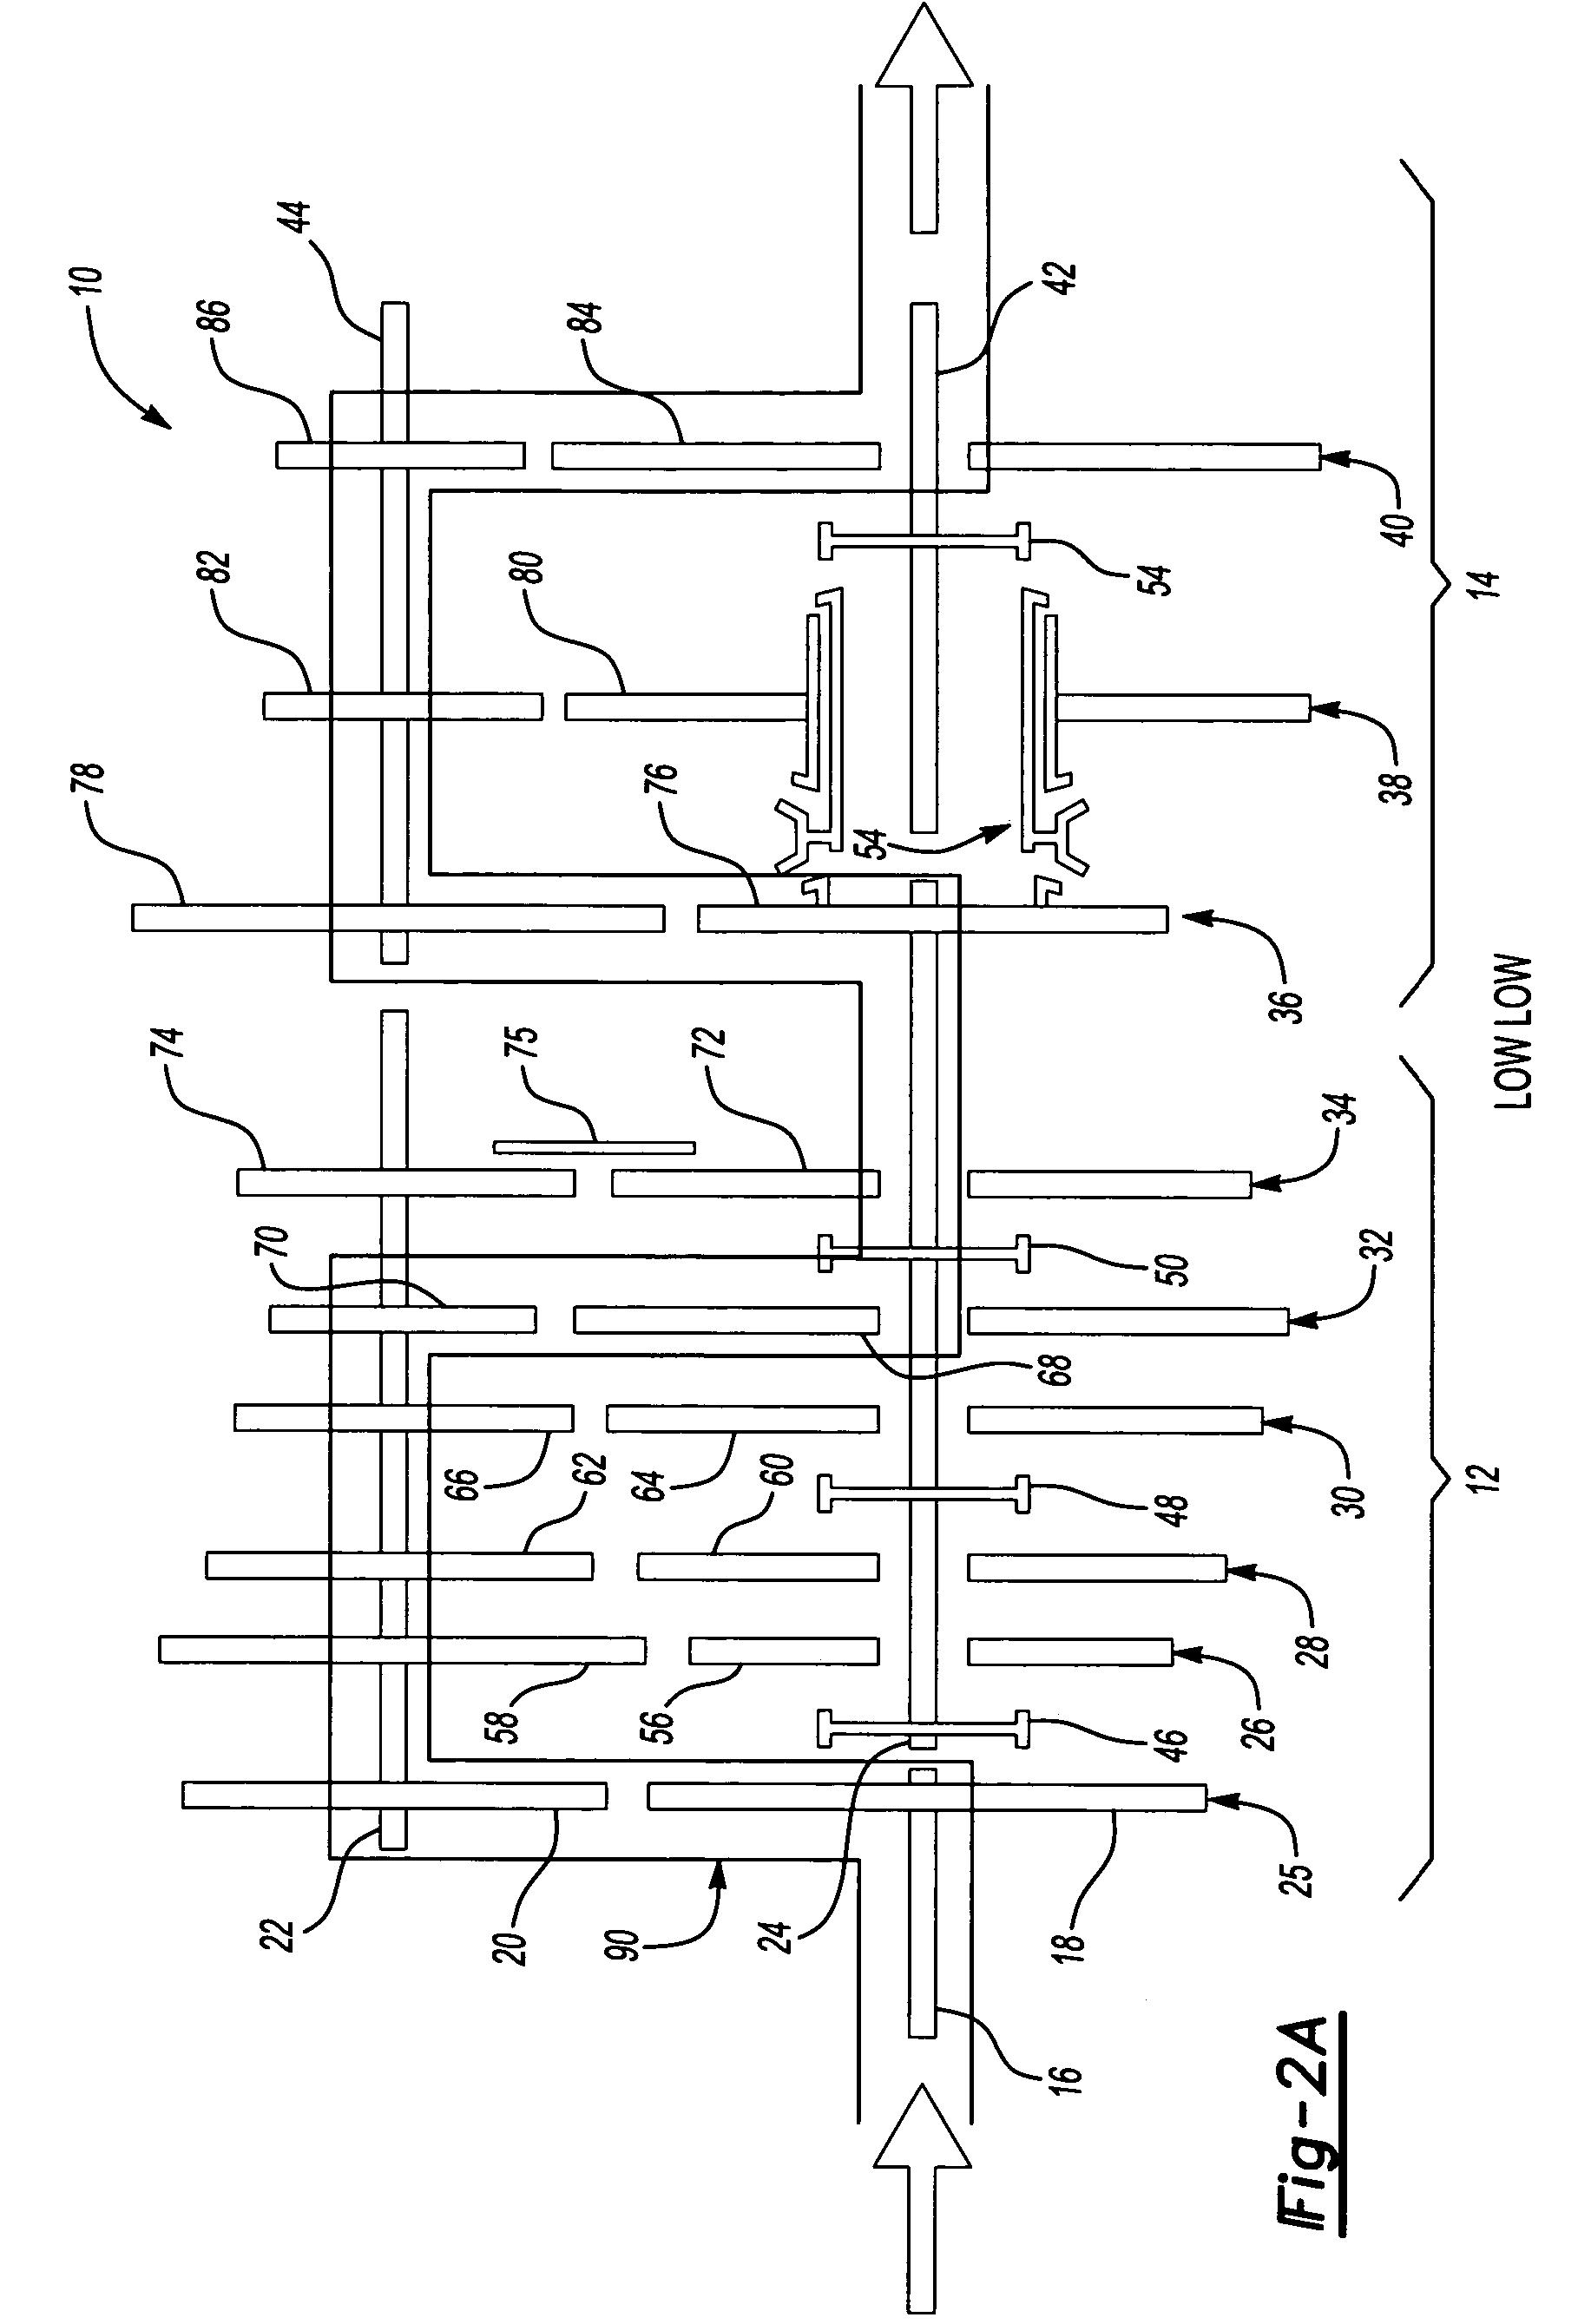 goodman a24 10 wiring diagram wiring diagrams Goodman Parts Diagram a24 10 goodman wiring diagram wiring diagrams \\u2022a24 10 goodman wiring diagram rh parallel welten